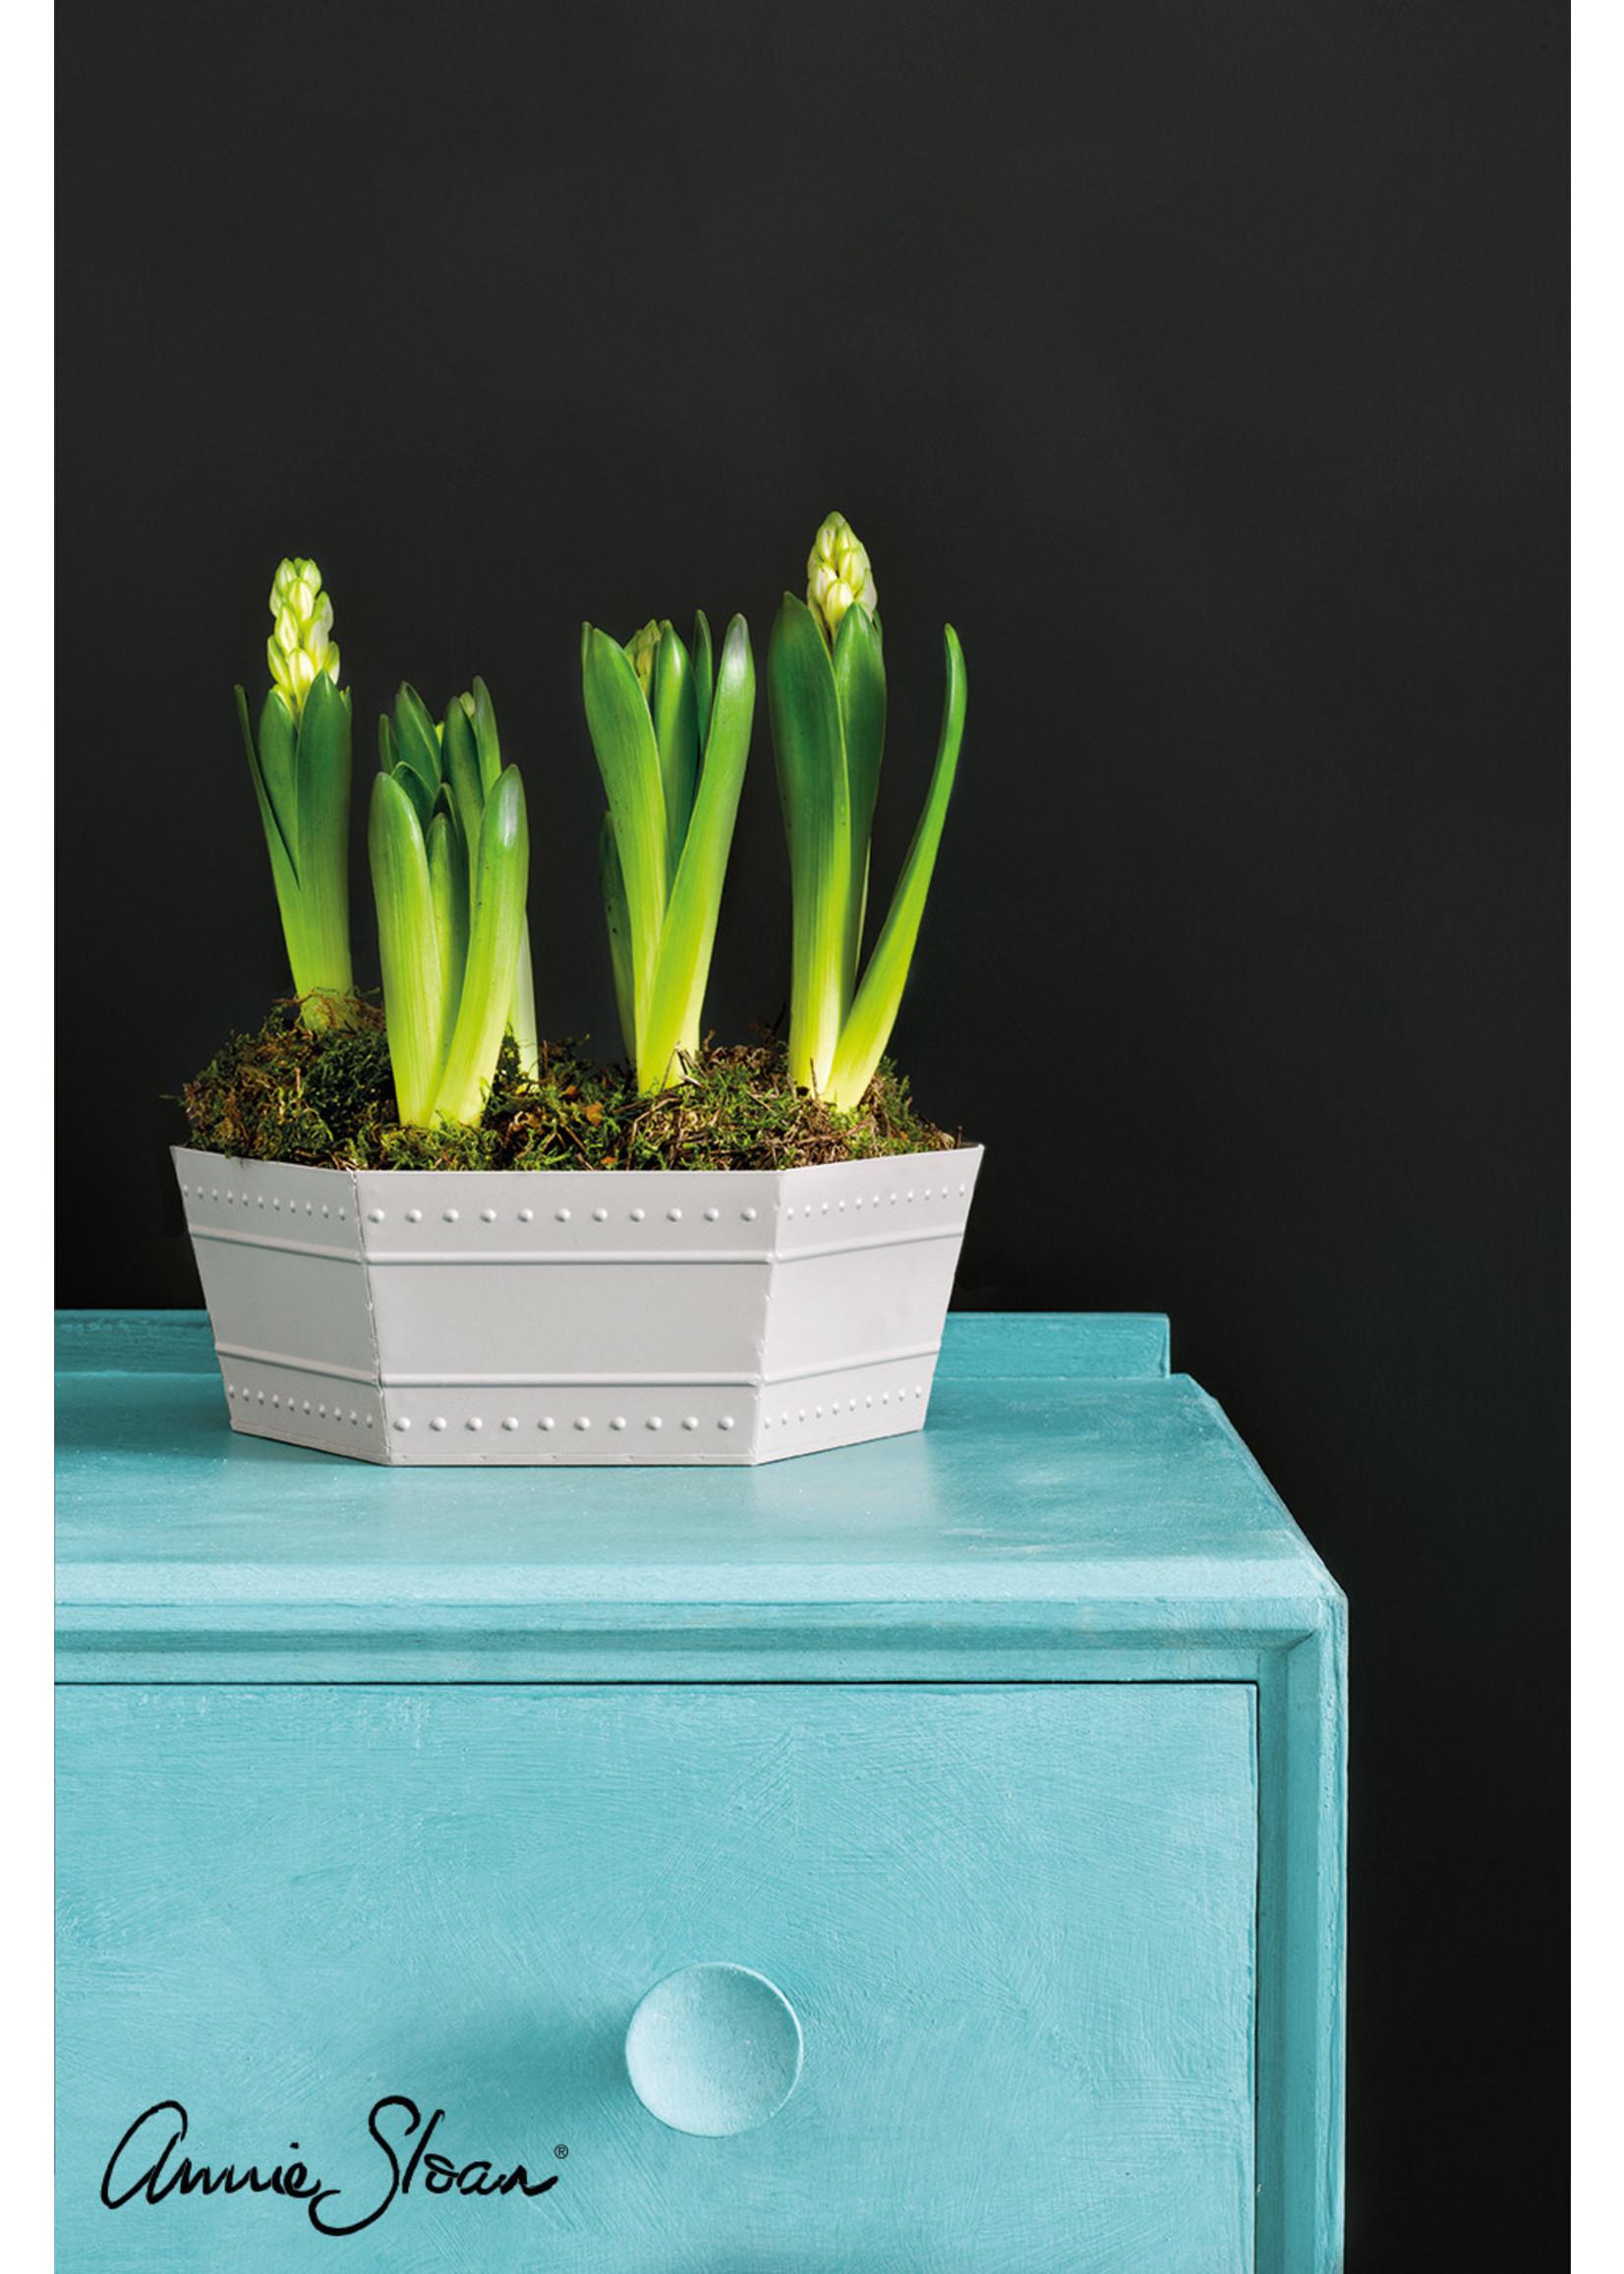 Annie Sloan Chalk Paint® Provence Annie Sloan Chalk Paint ®